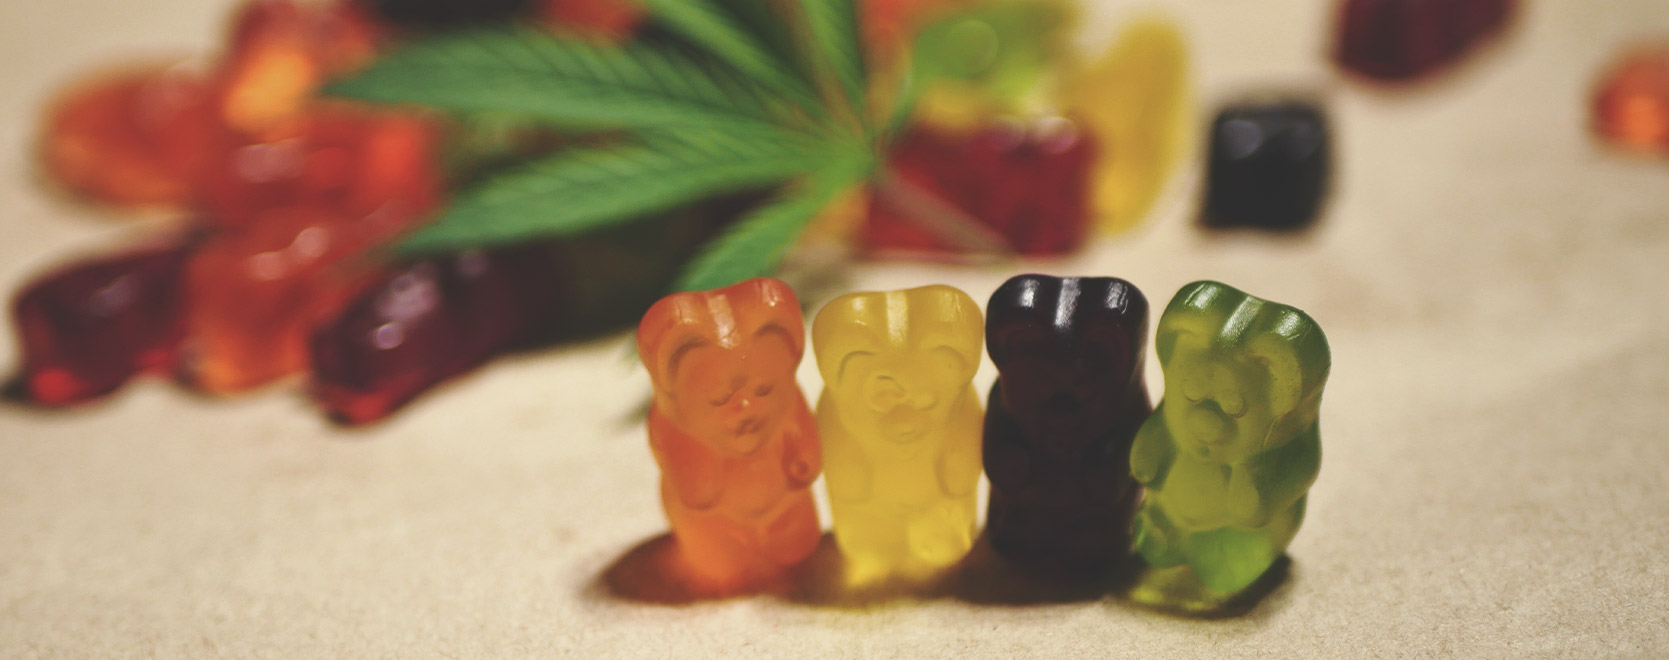 Wat zijn de slechte bijwerkingen van cannabisedibles?